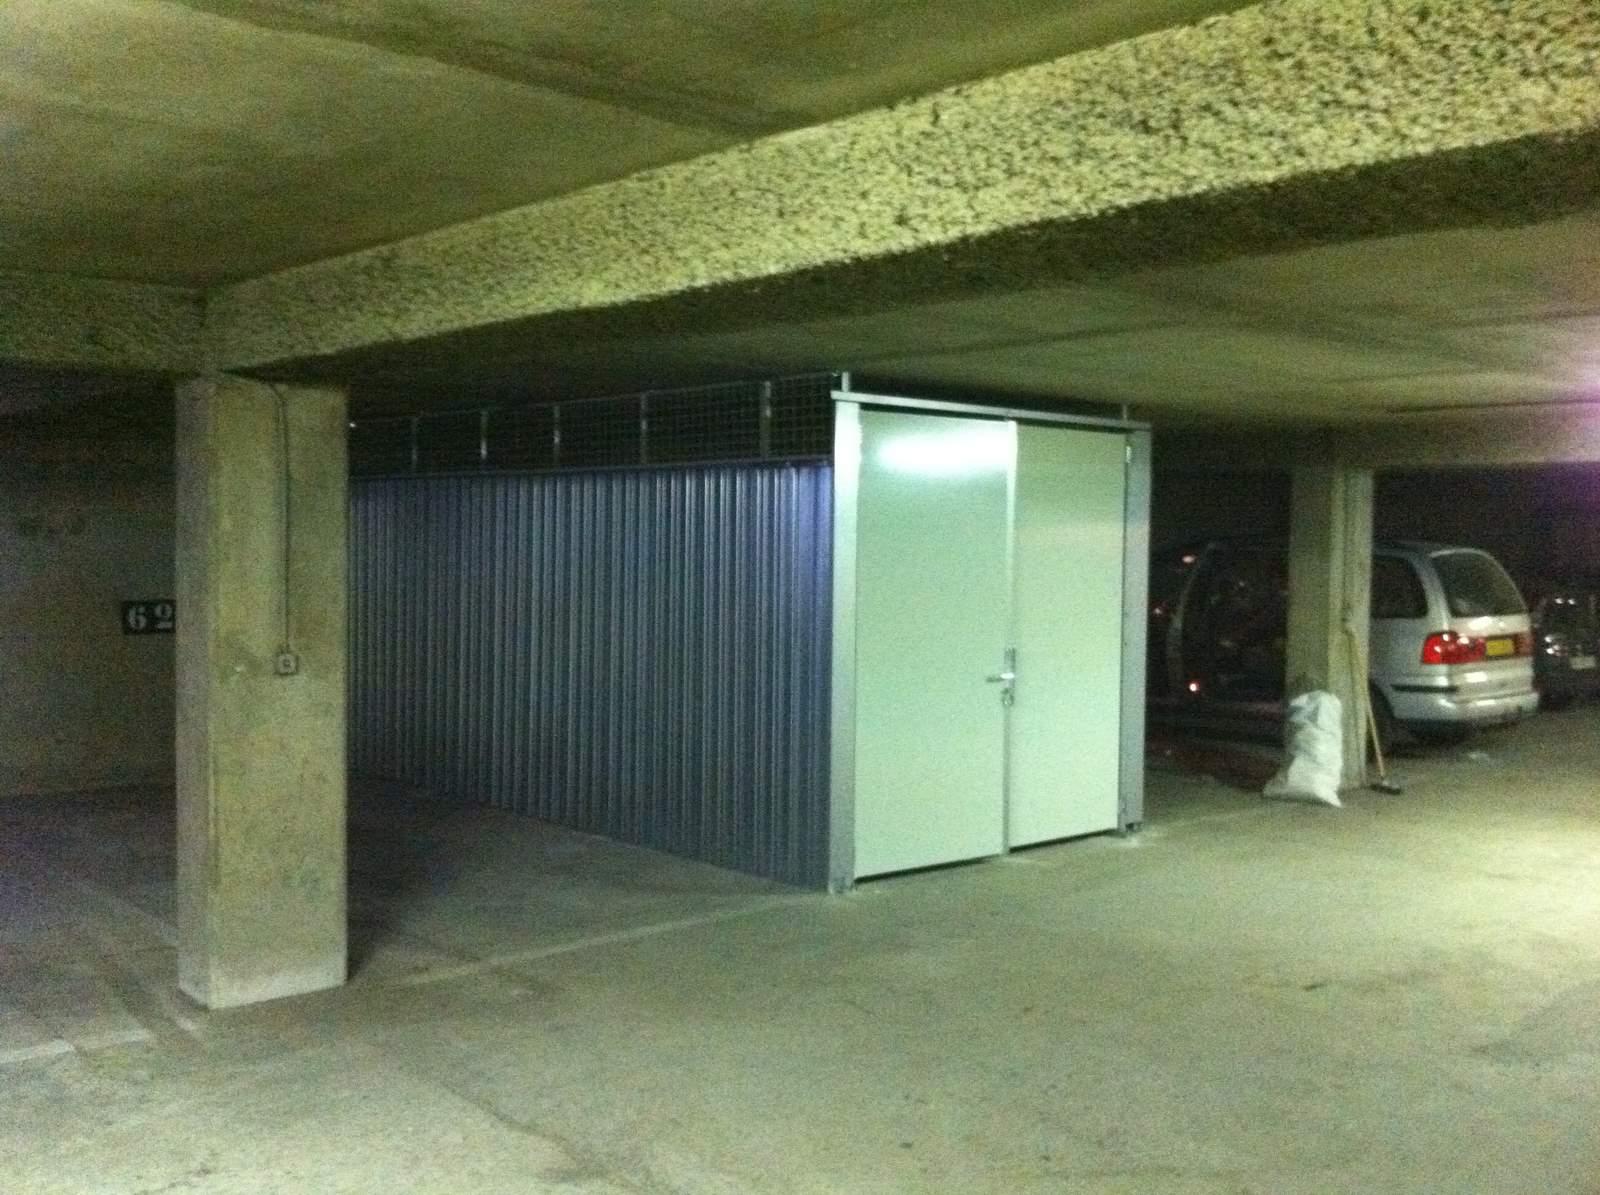 Location parking Montpellier : plus de stress